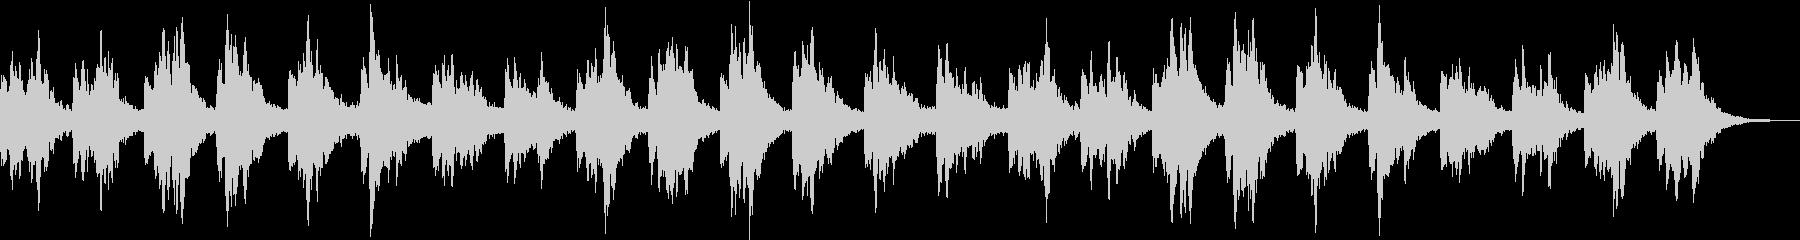 広大な自然に横たわるヒーリング音楽の未再生の波形